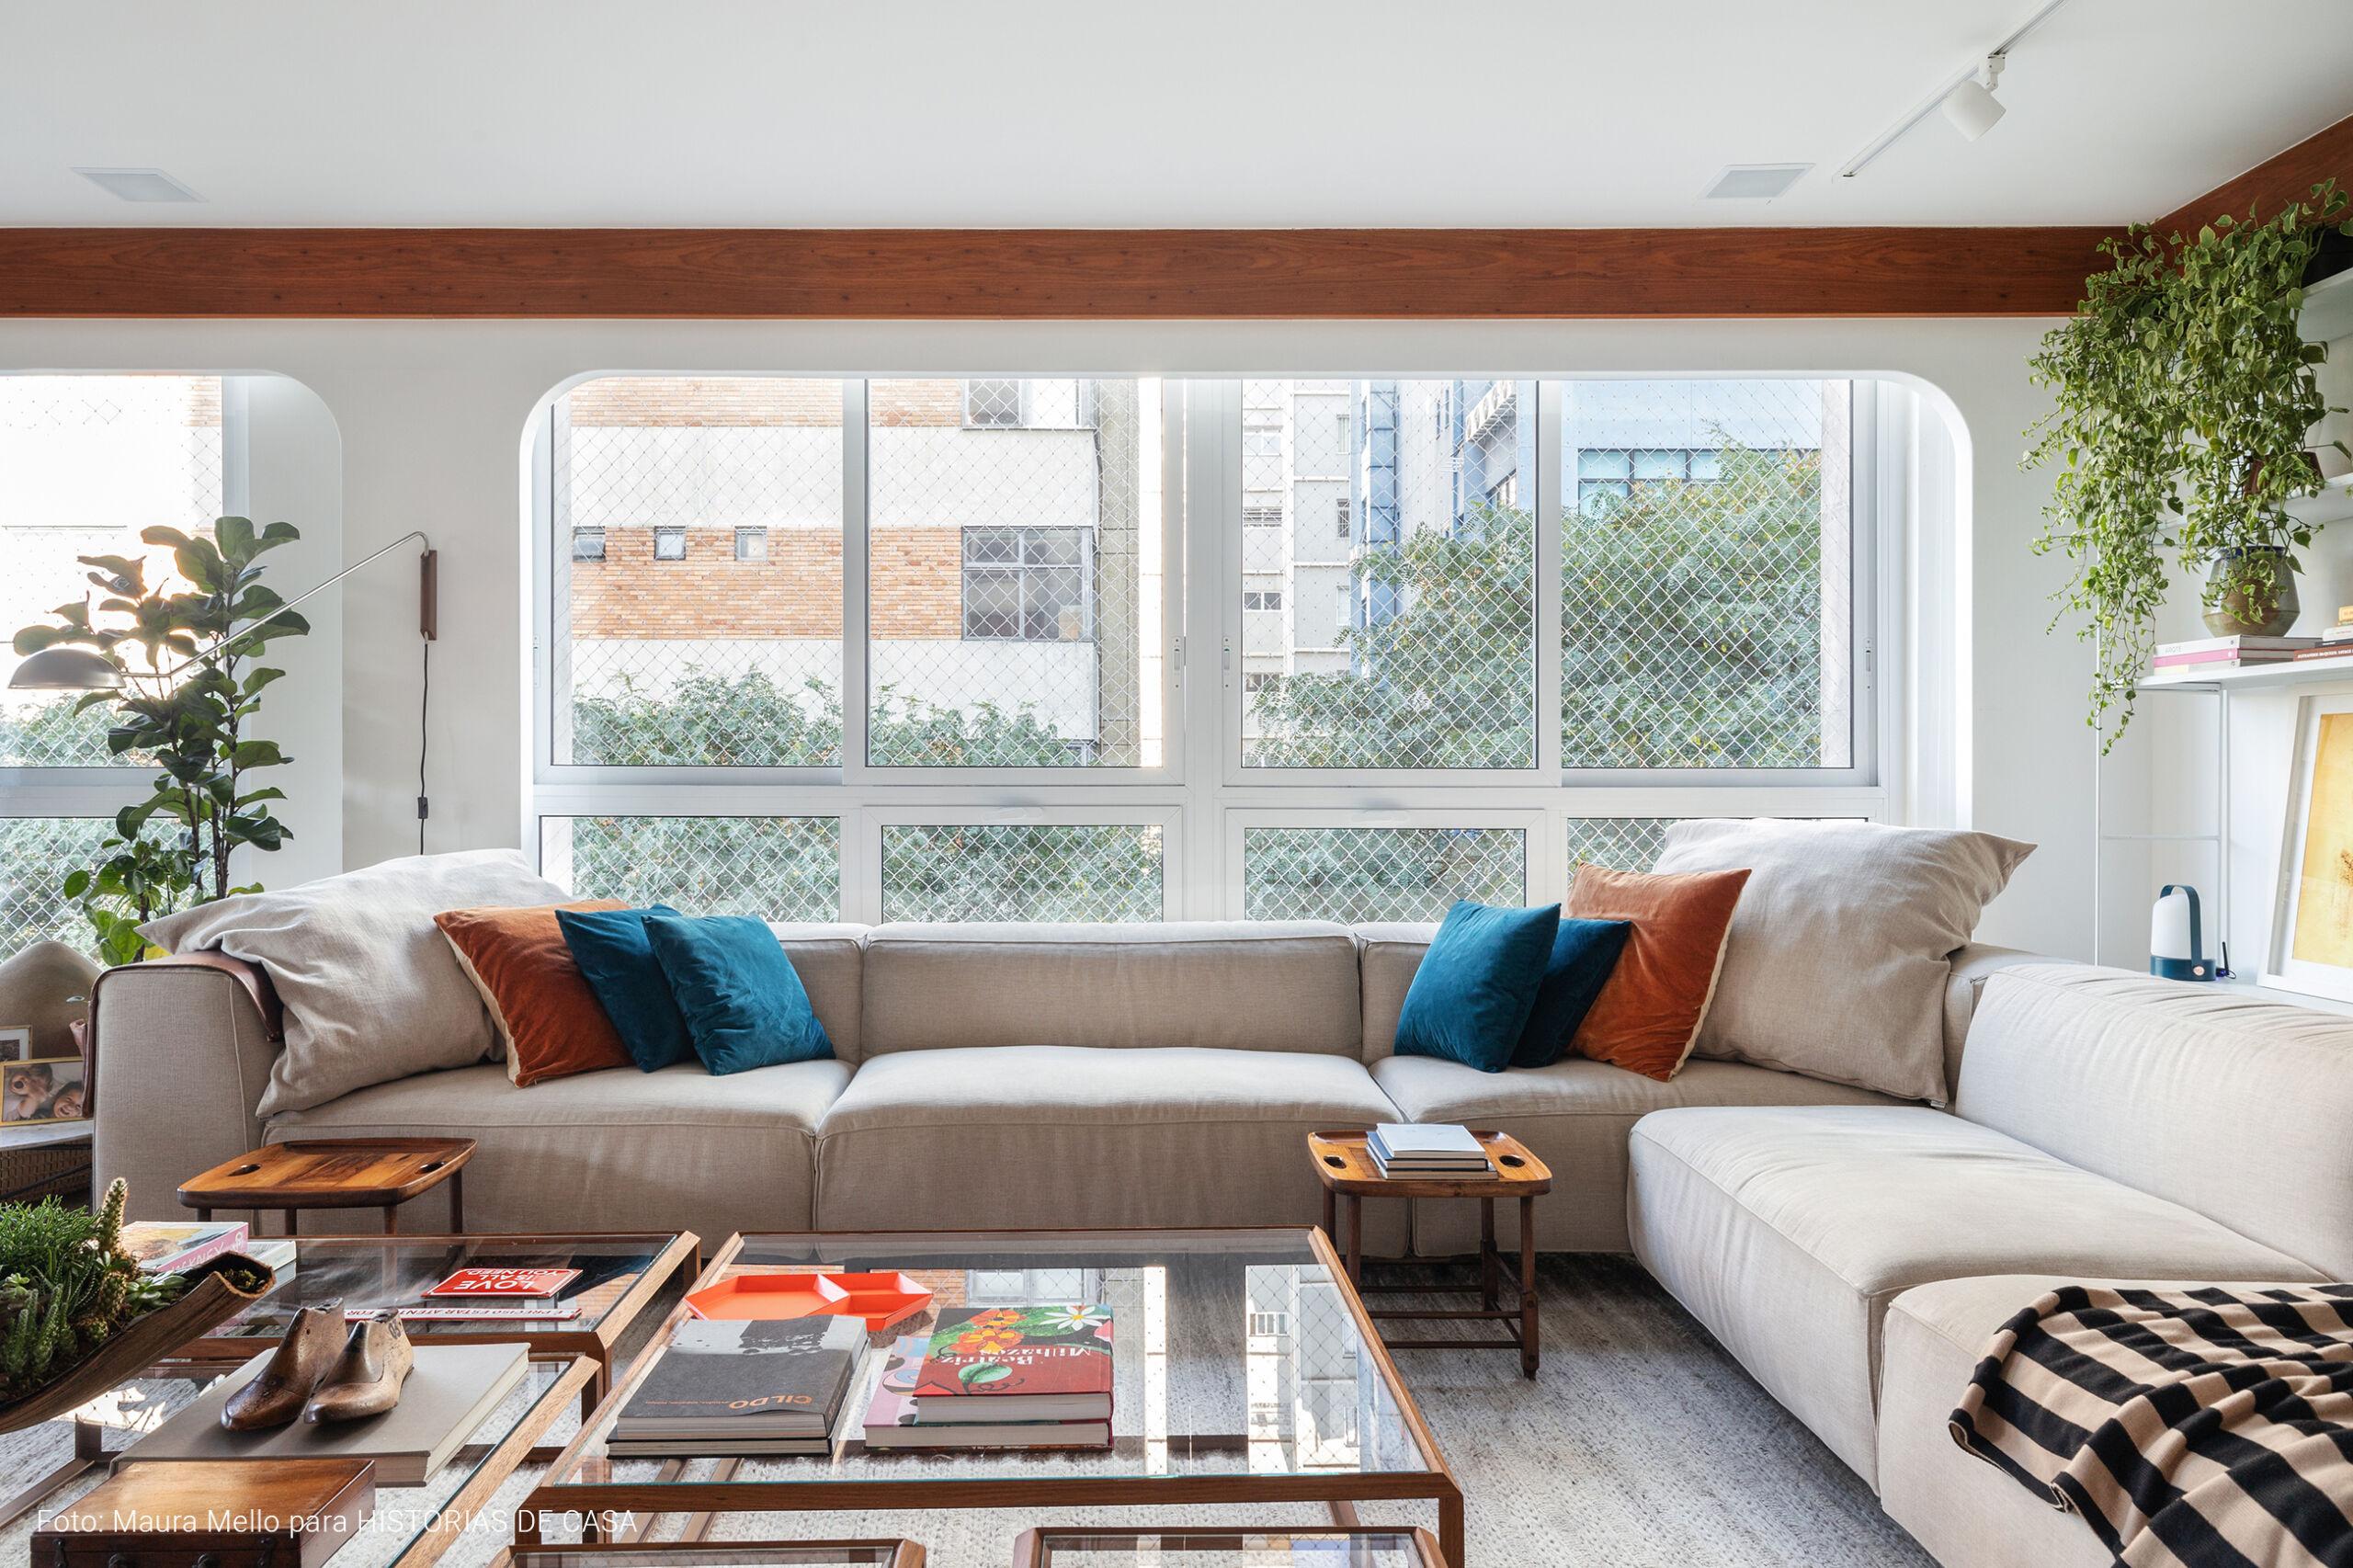 Apartamento com sofá em L bege